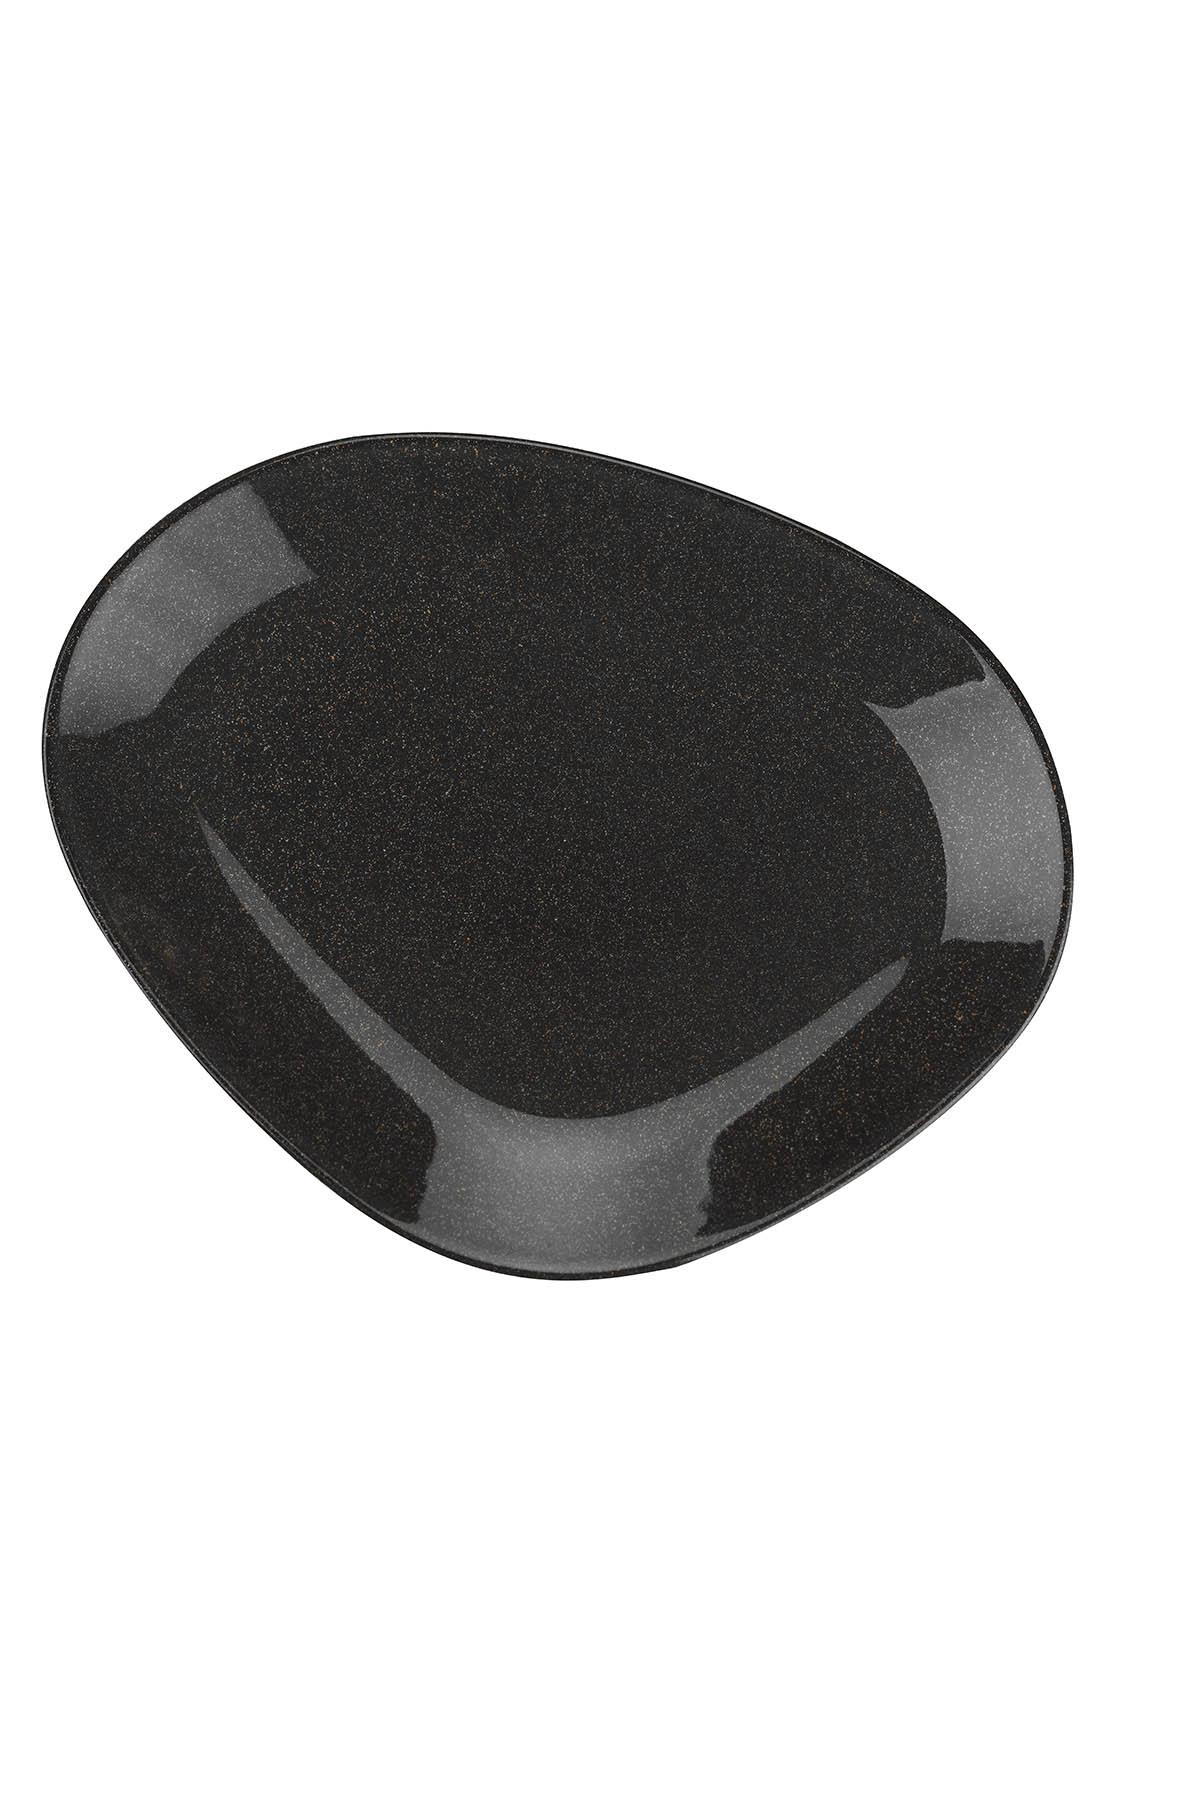 Corendon - Galaxy 2 Li 22 Cm Duz Tabak Parlak Antrasit Renk